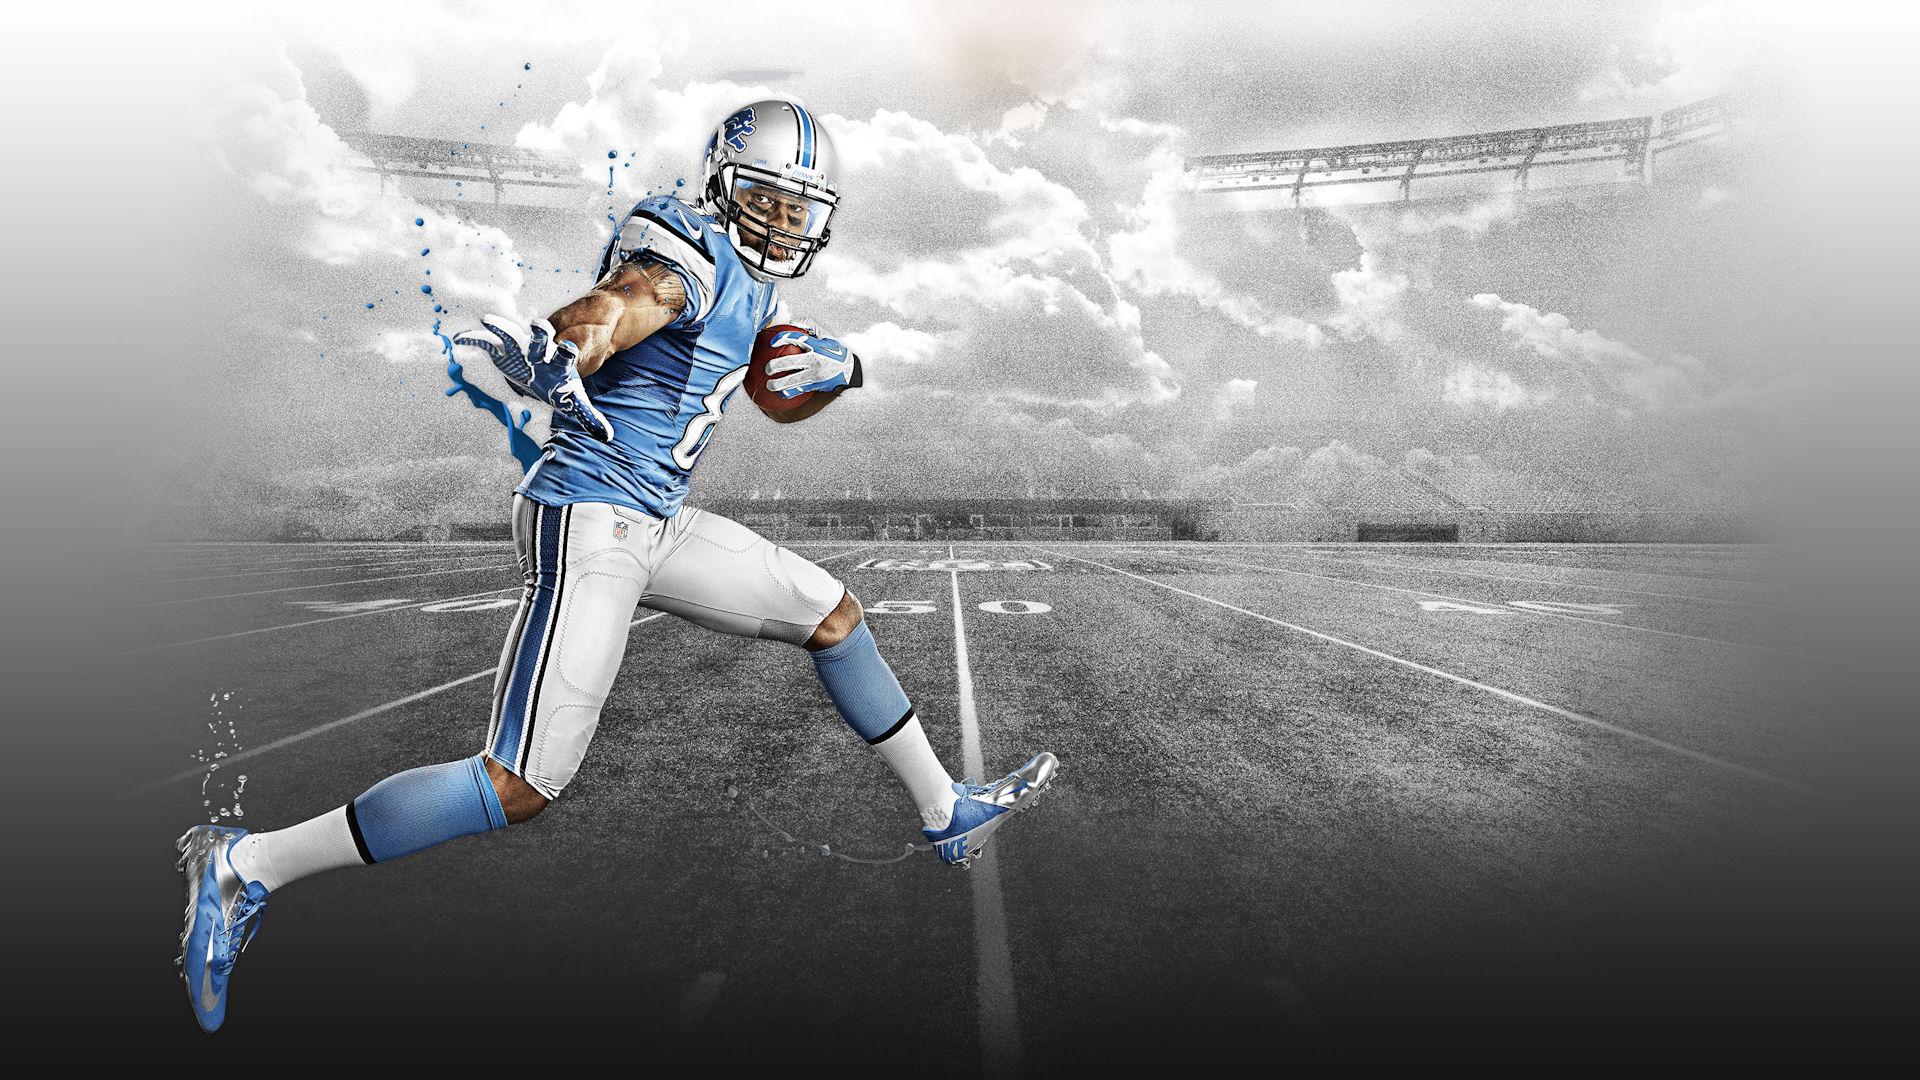 Madden NFL 16 HD Wallpaper 24   1920 X 1080 stmednet 1920x1080